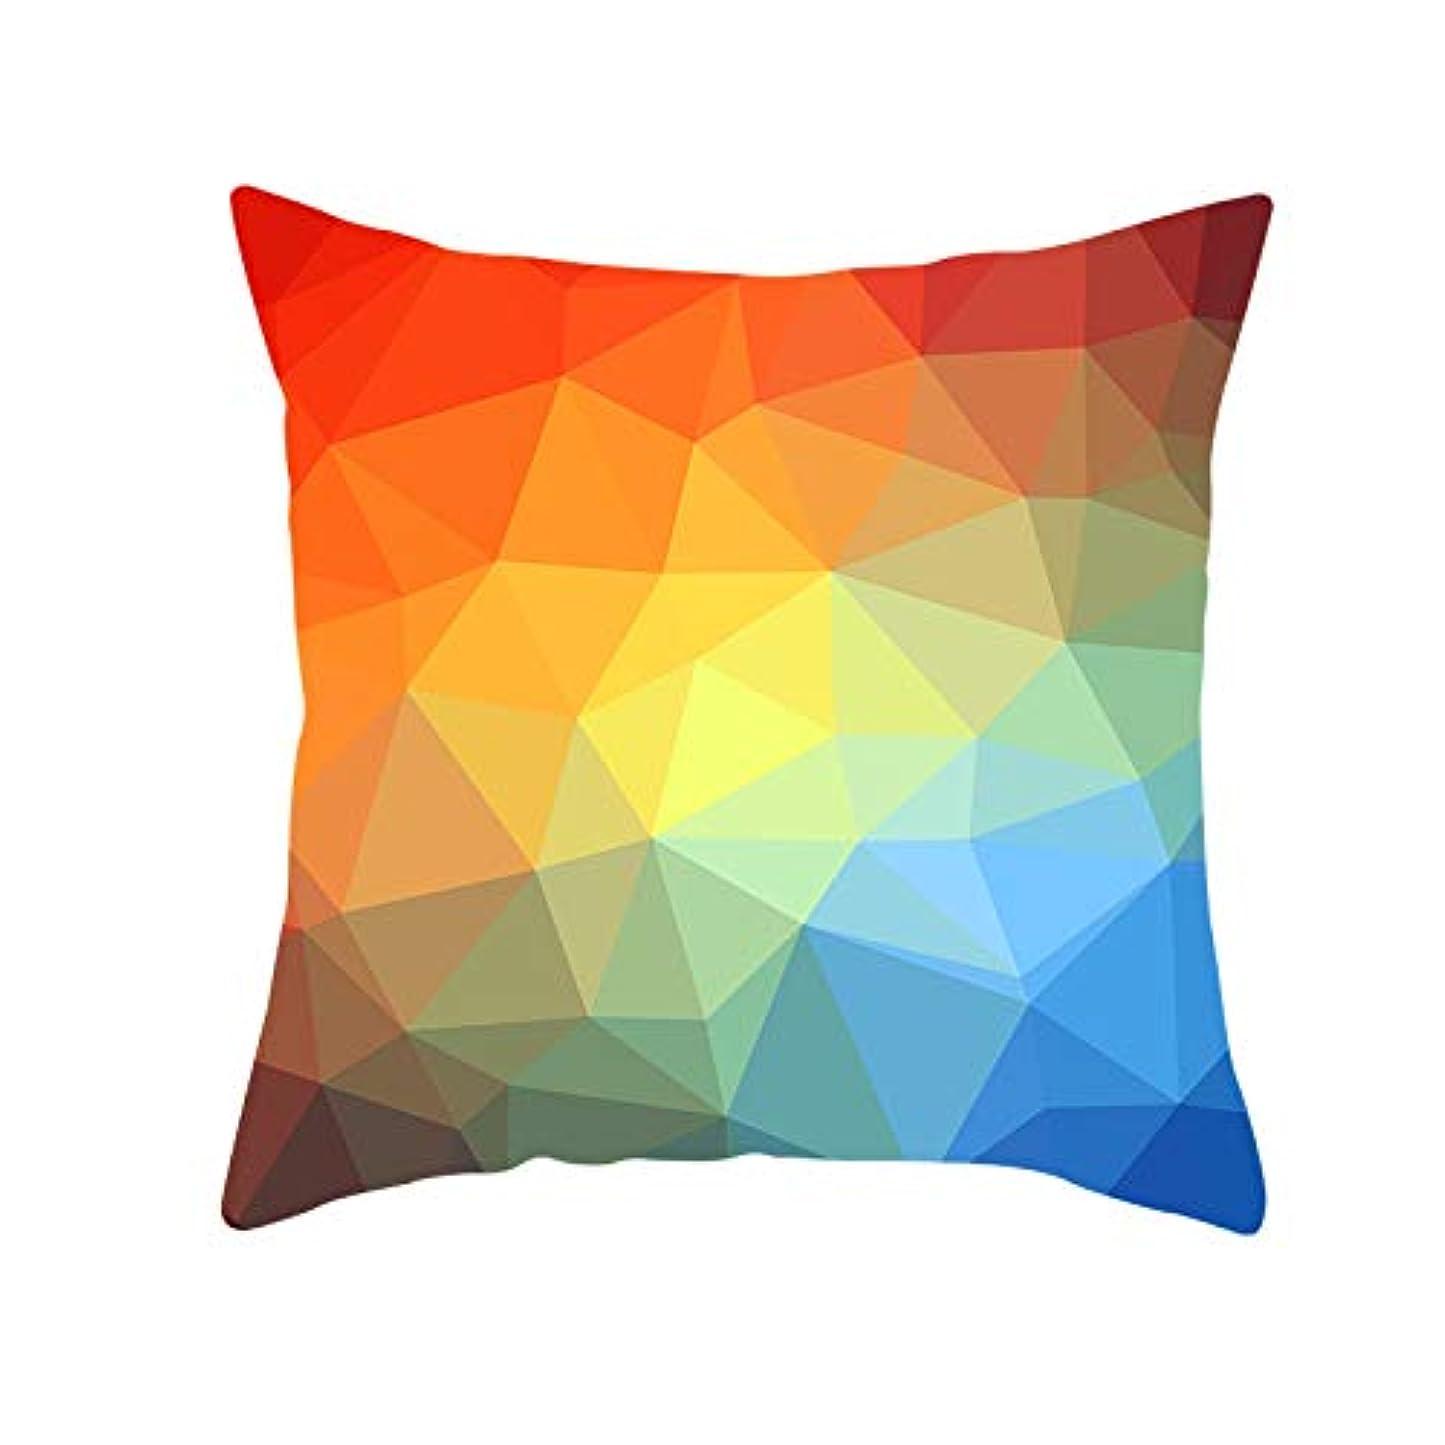 好意シーボード傾斜LIFE 装飾クッションソファ 幾何学プリントポリエステル正方形の枕ソファスロークッション家の装飾 coussin デ長椅子 クッション 椅子